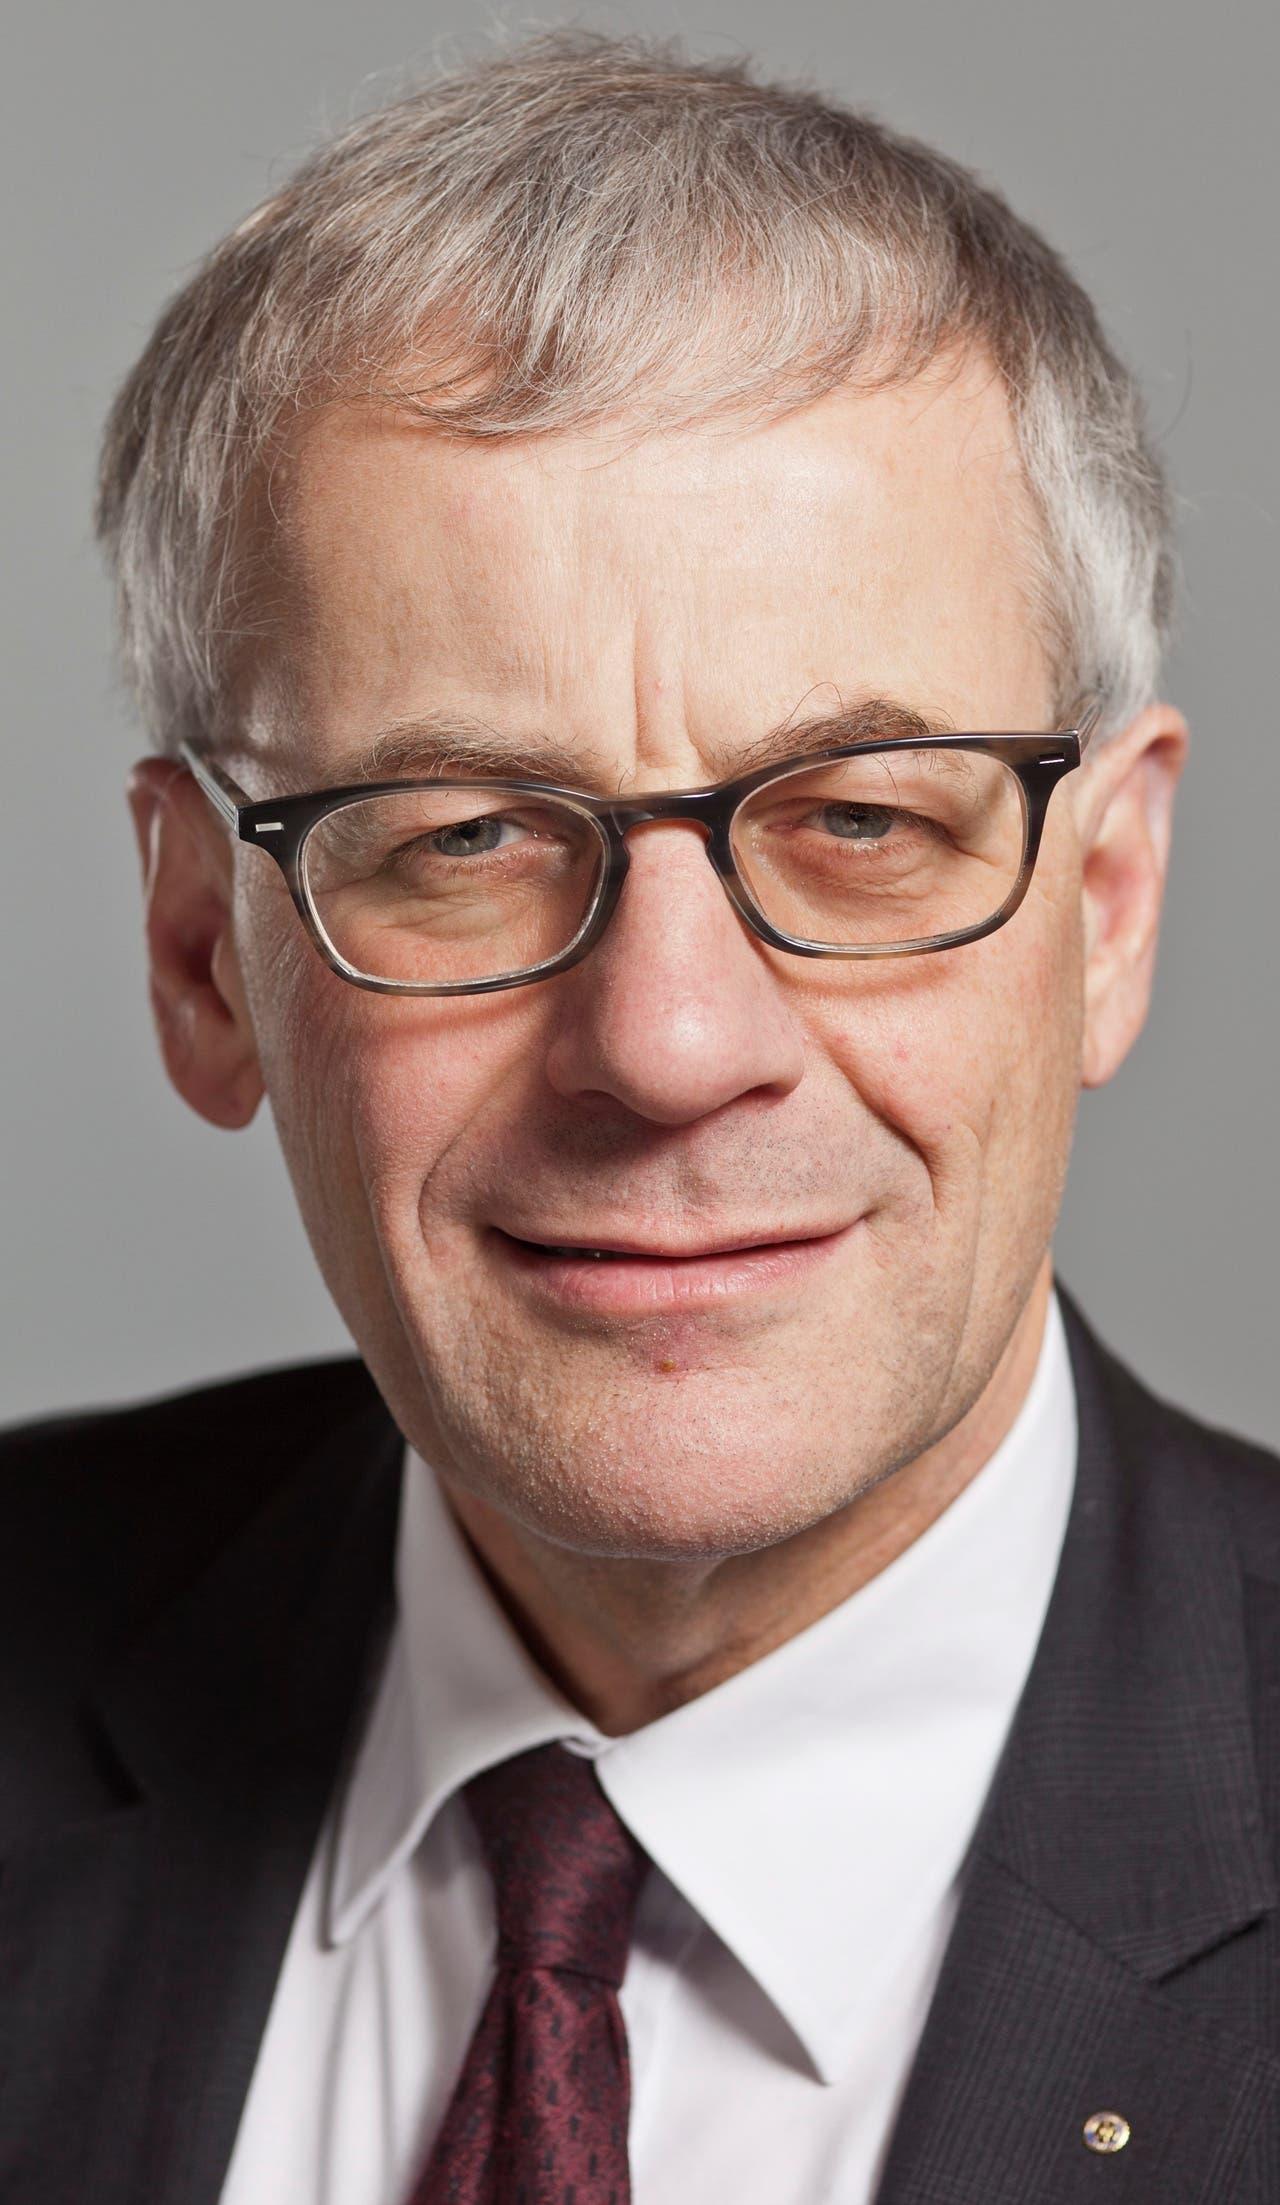 Kategorie Politiker: Kurt Fluri, 58, FDP-Nationalrat und Stadtpräsident Solothurn Solothurns Stapi ist auch im Nationalrat ein sicherer Wert. Unauffällig, aber souverän.